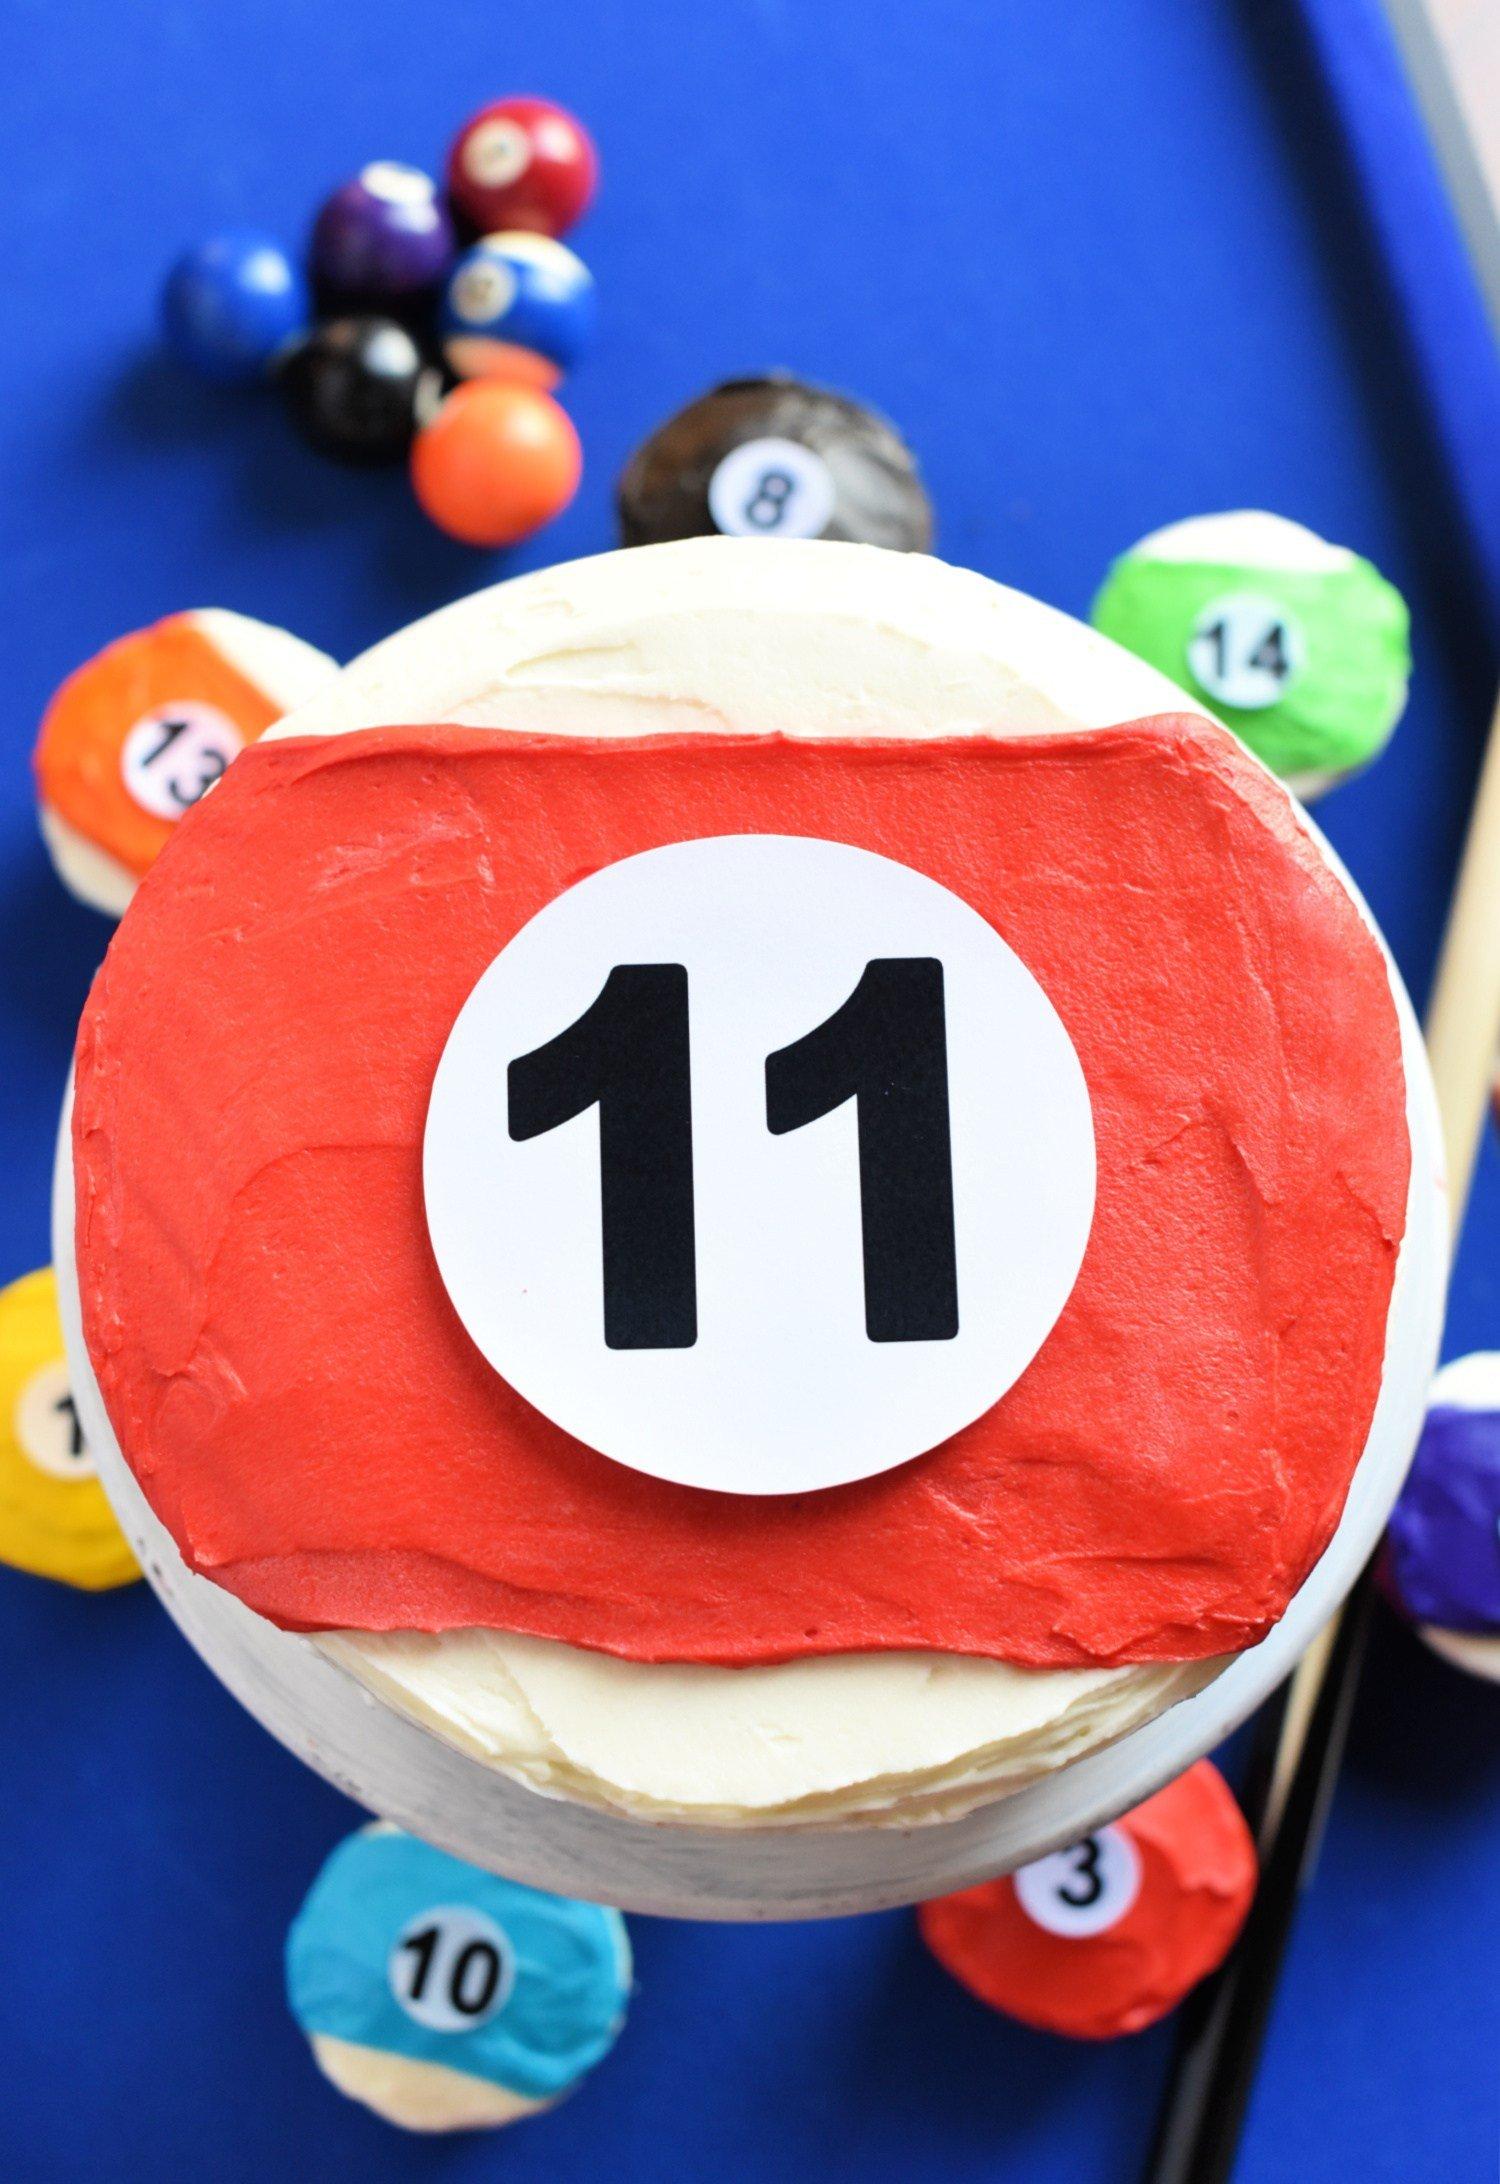 Pool Table Cake Idea